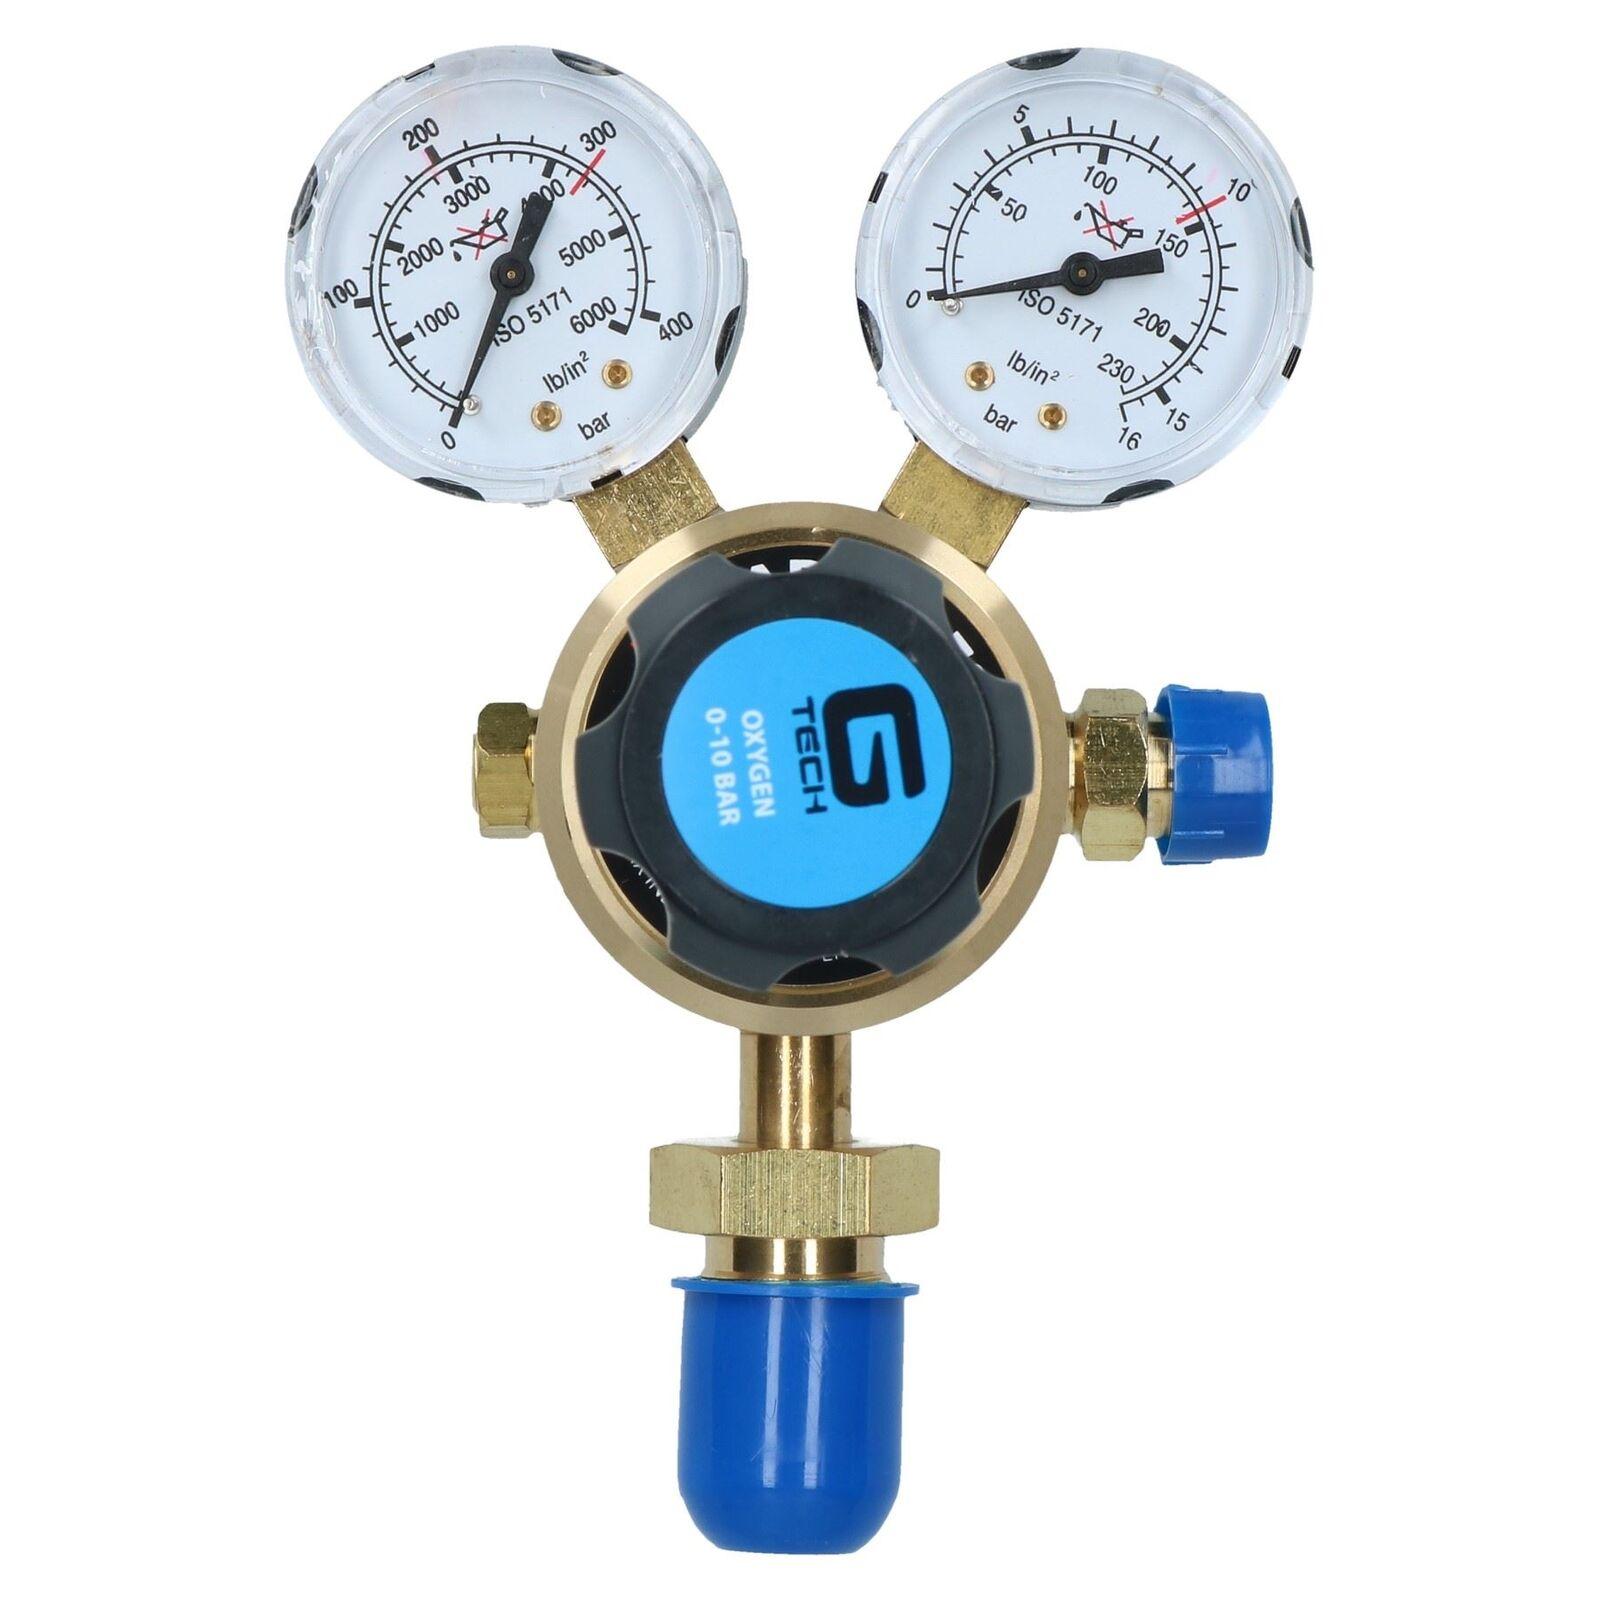 Régulateur d'oxygène O2 seul stade 2 bouteille de gaz manomètre 300bars Soudeur